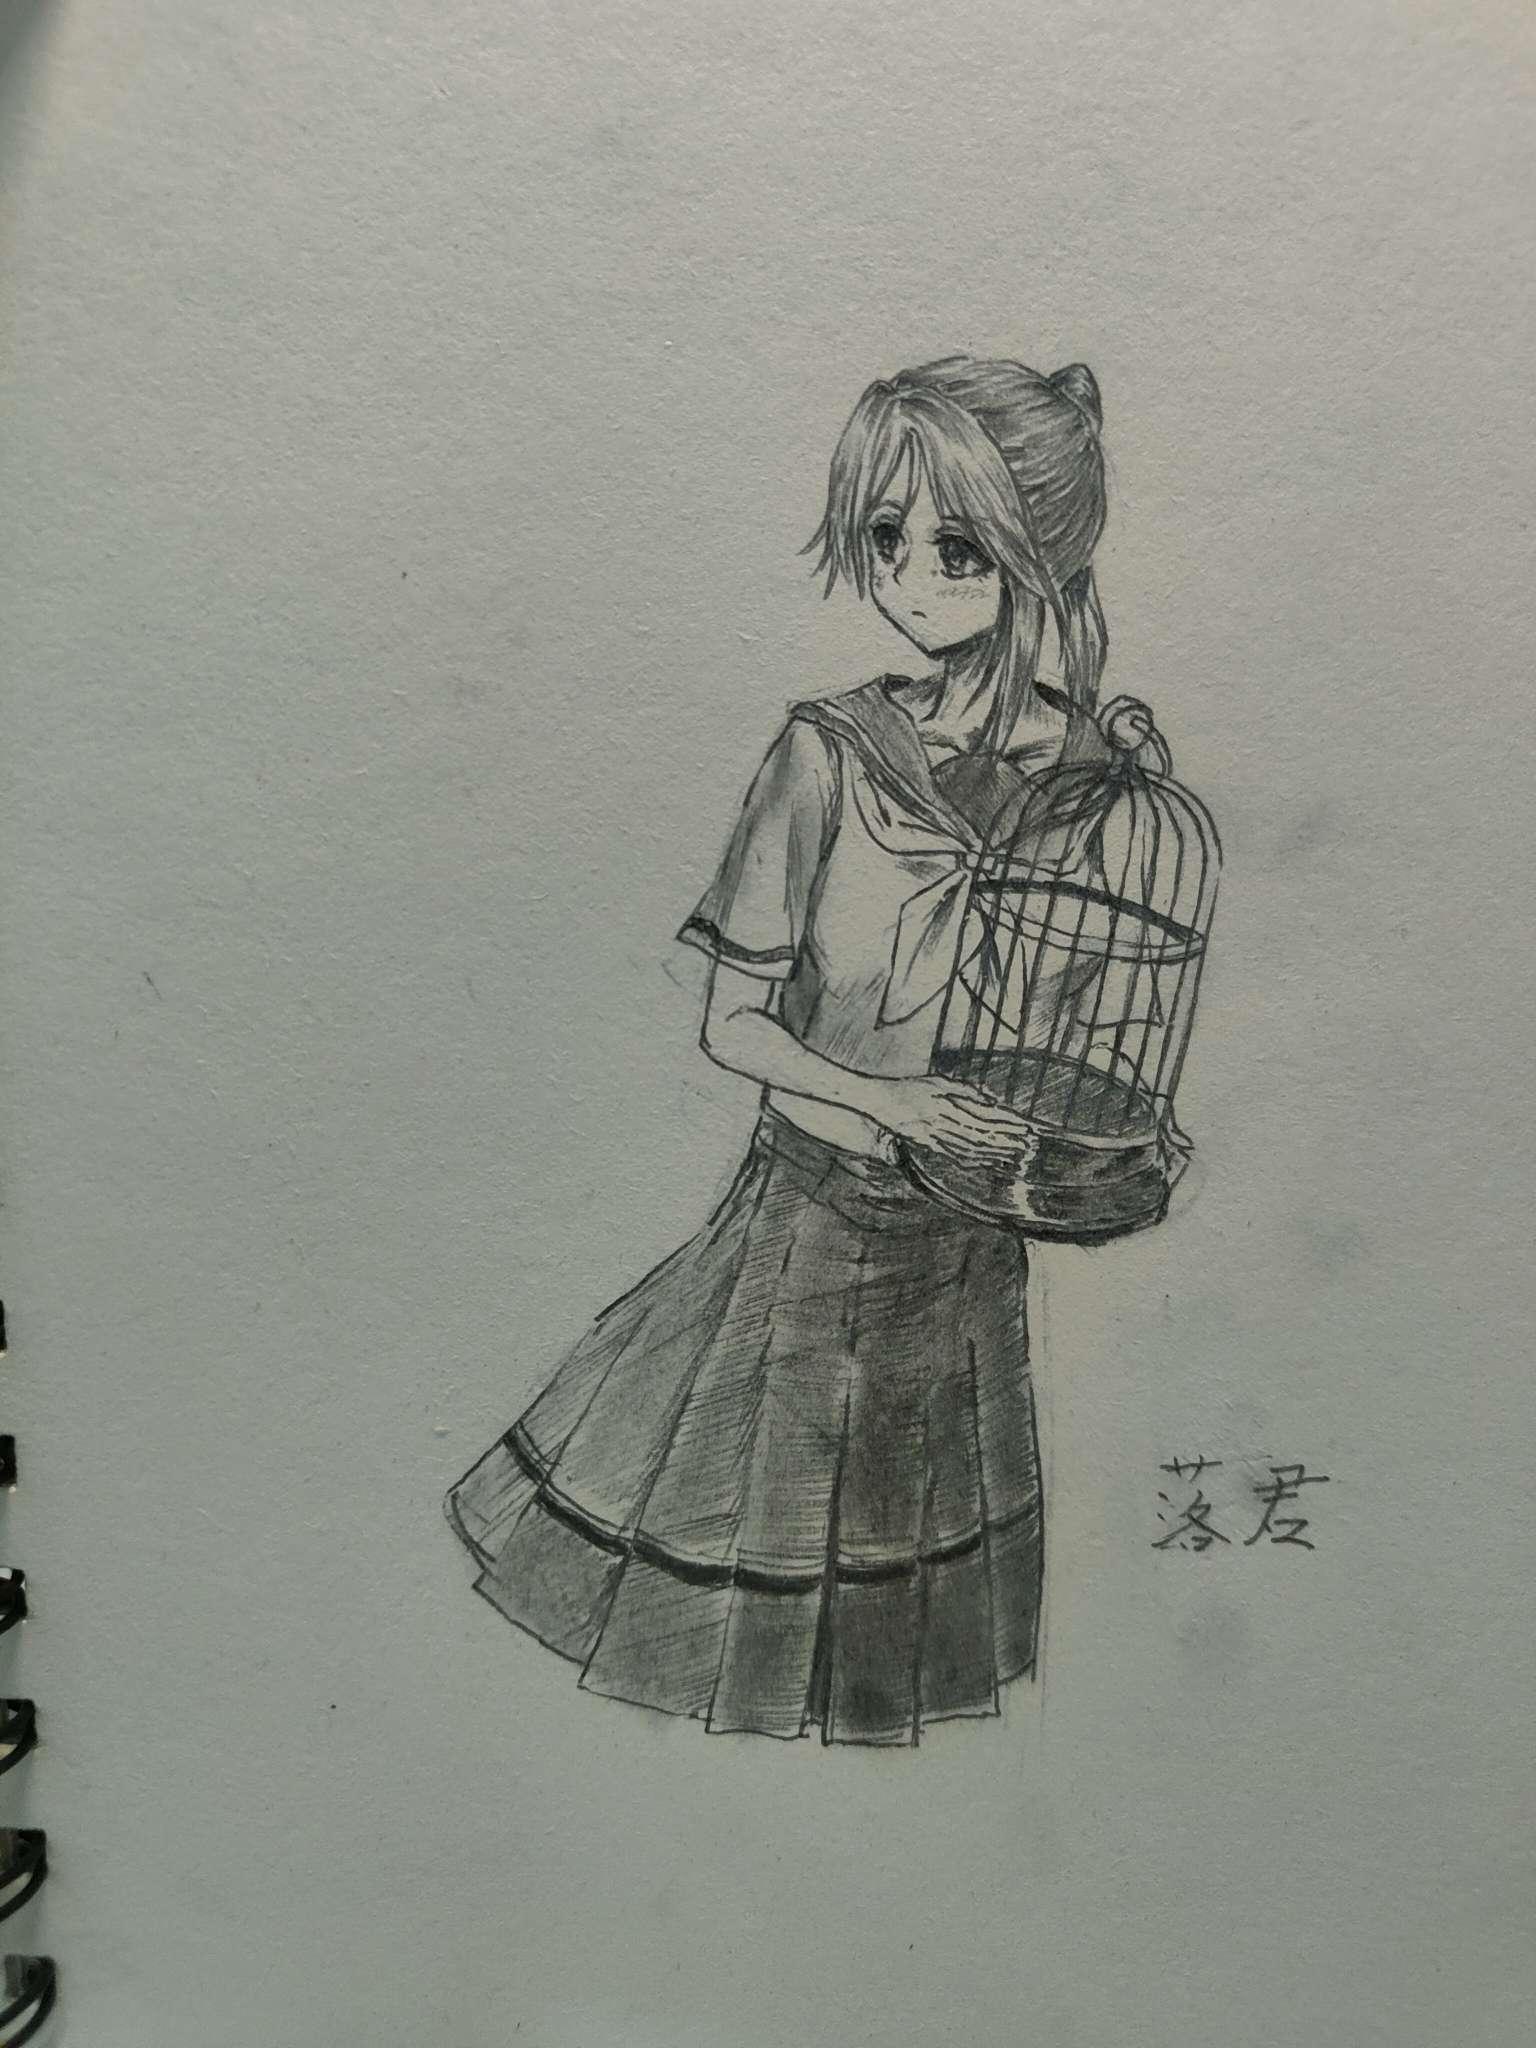 【手绘】摸个希美和霙练手-小柚妹站